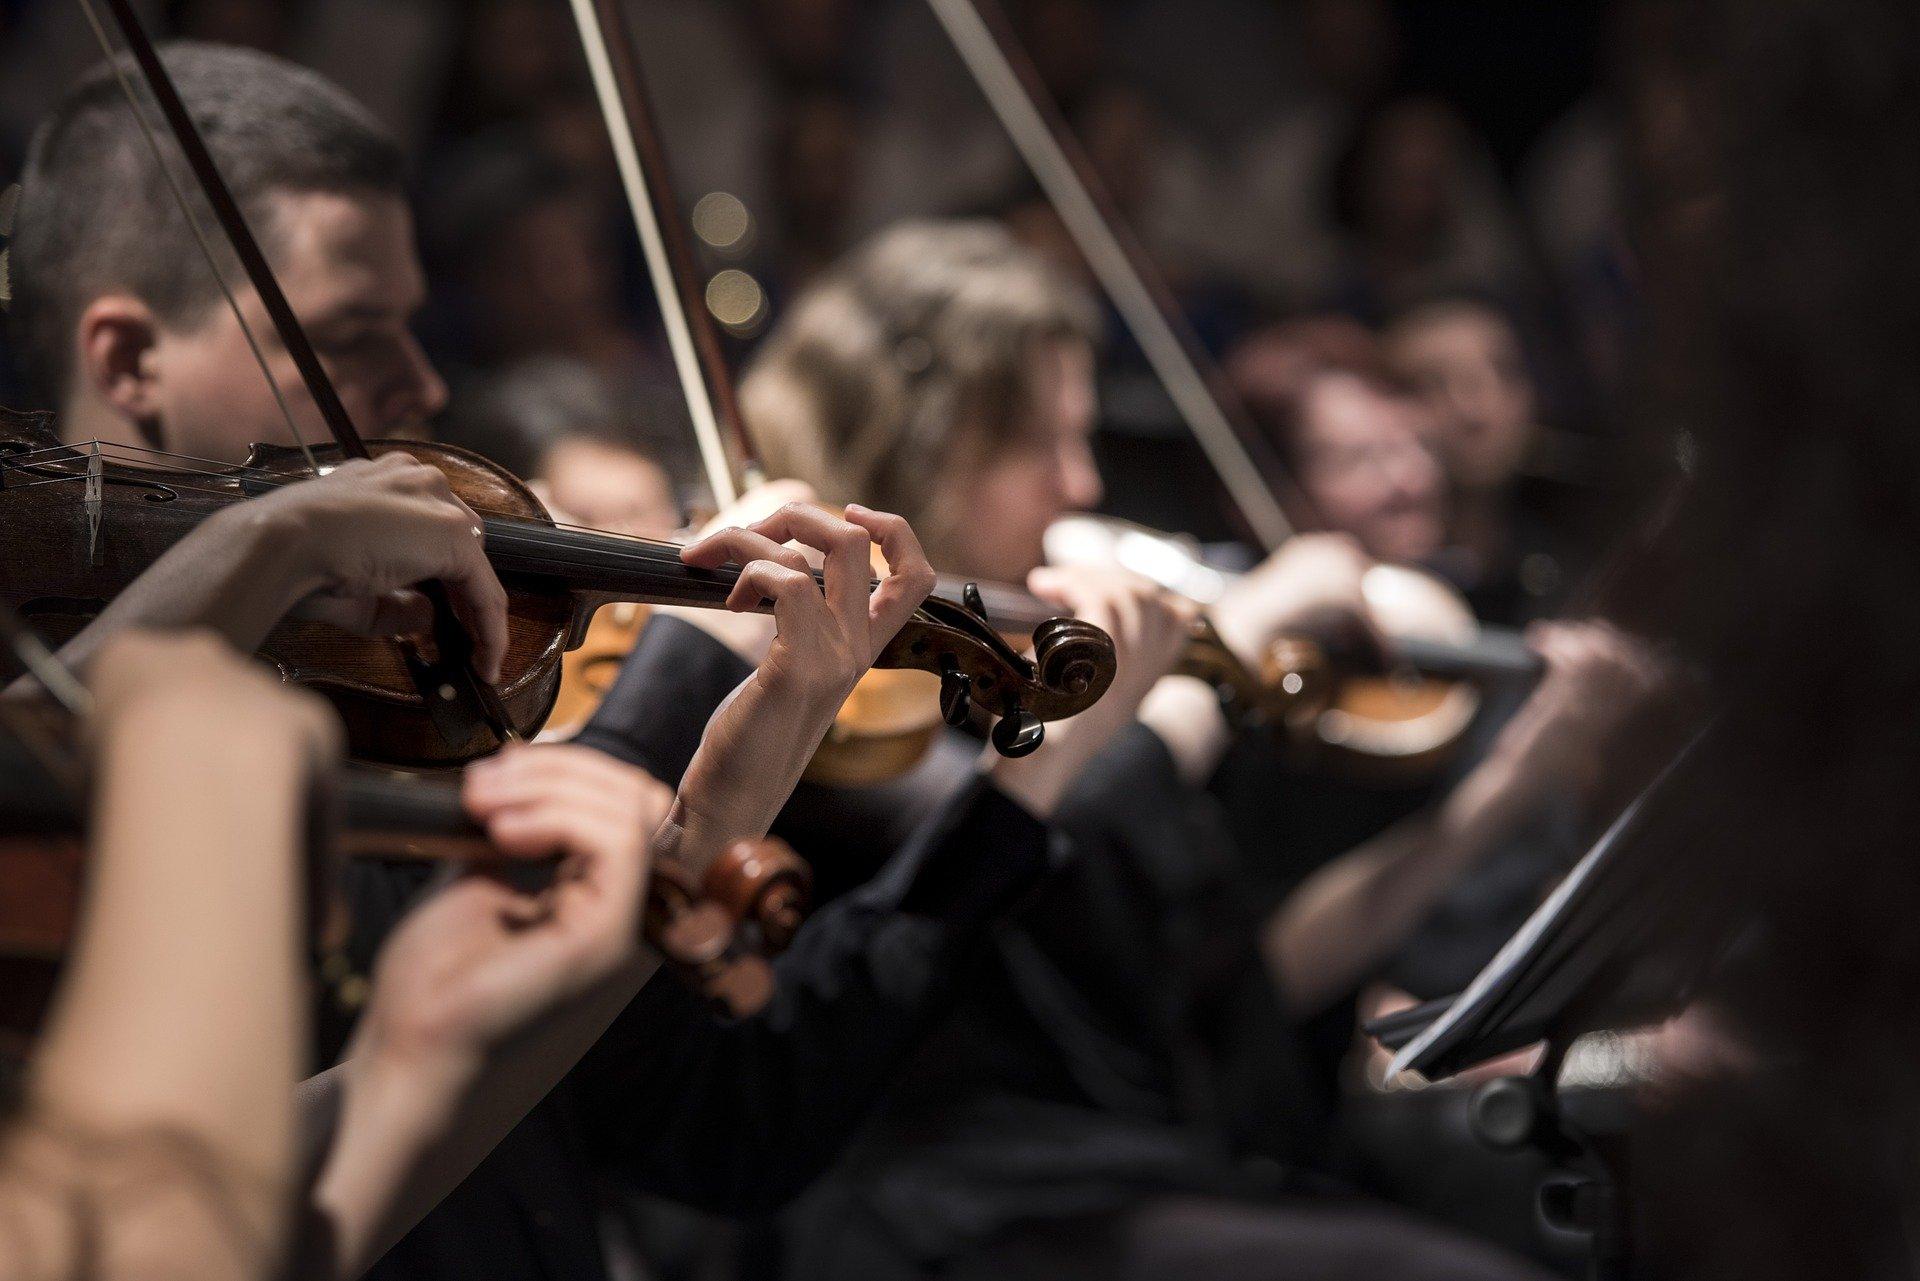 Primer plano de violinistas tocando en una orquesta